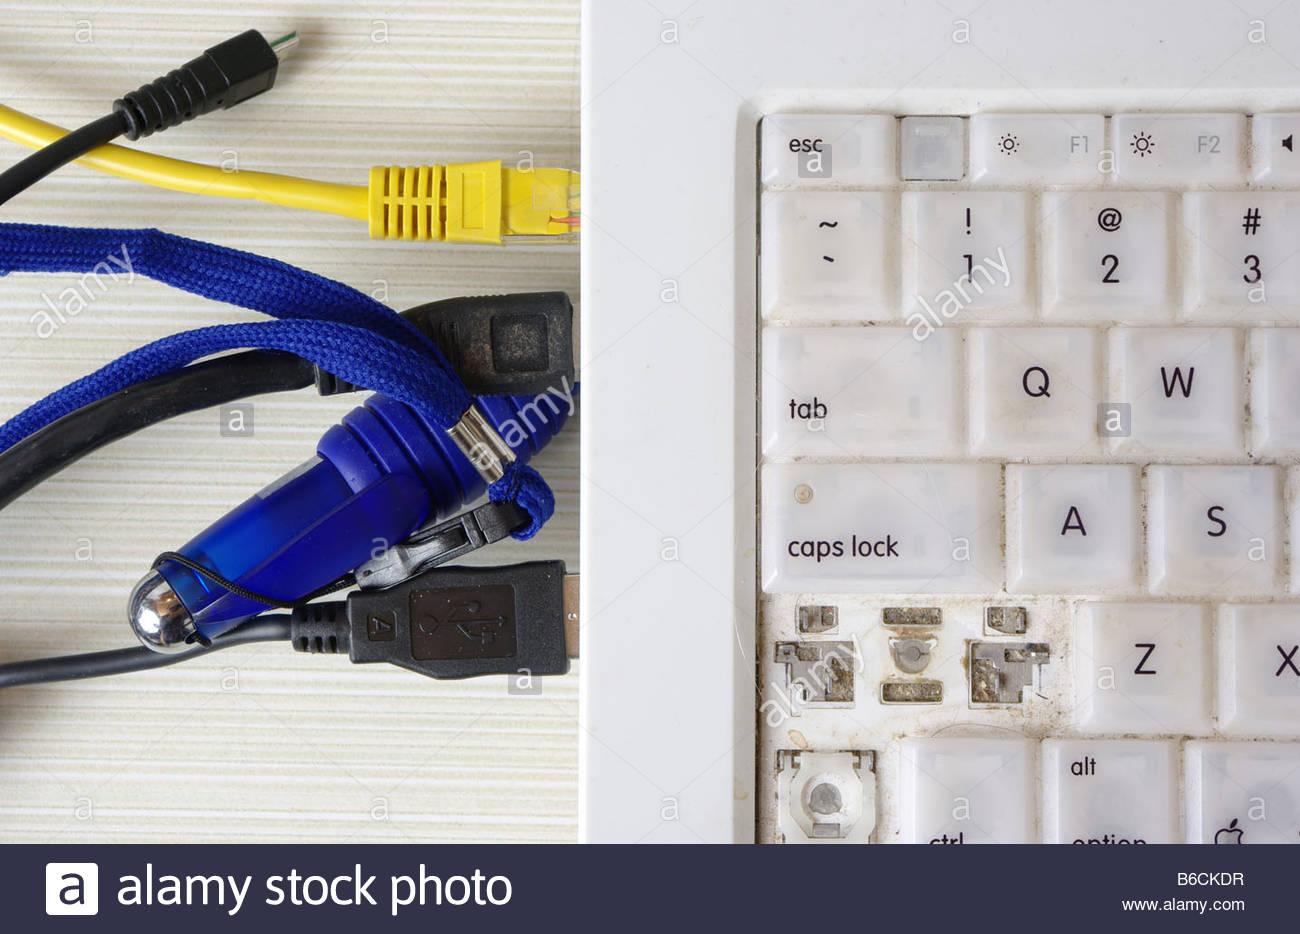 Elektrische Verdrahtung Drähte chaotisch durcheinander Ethernet USB ...